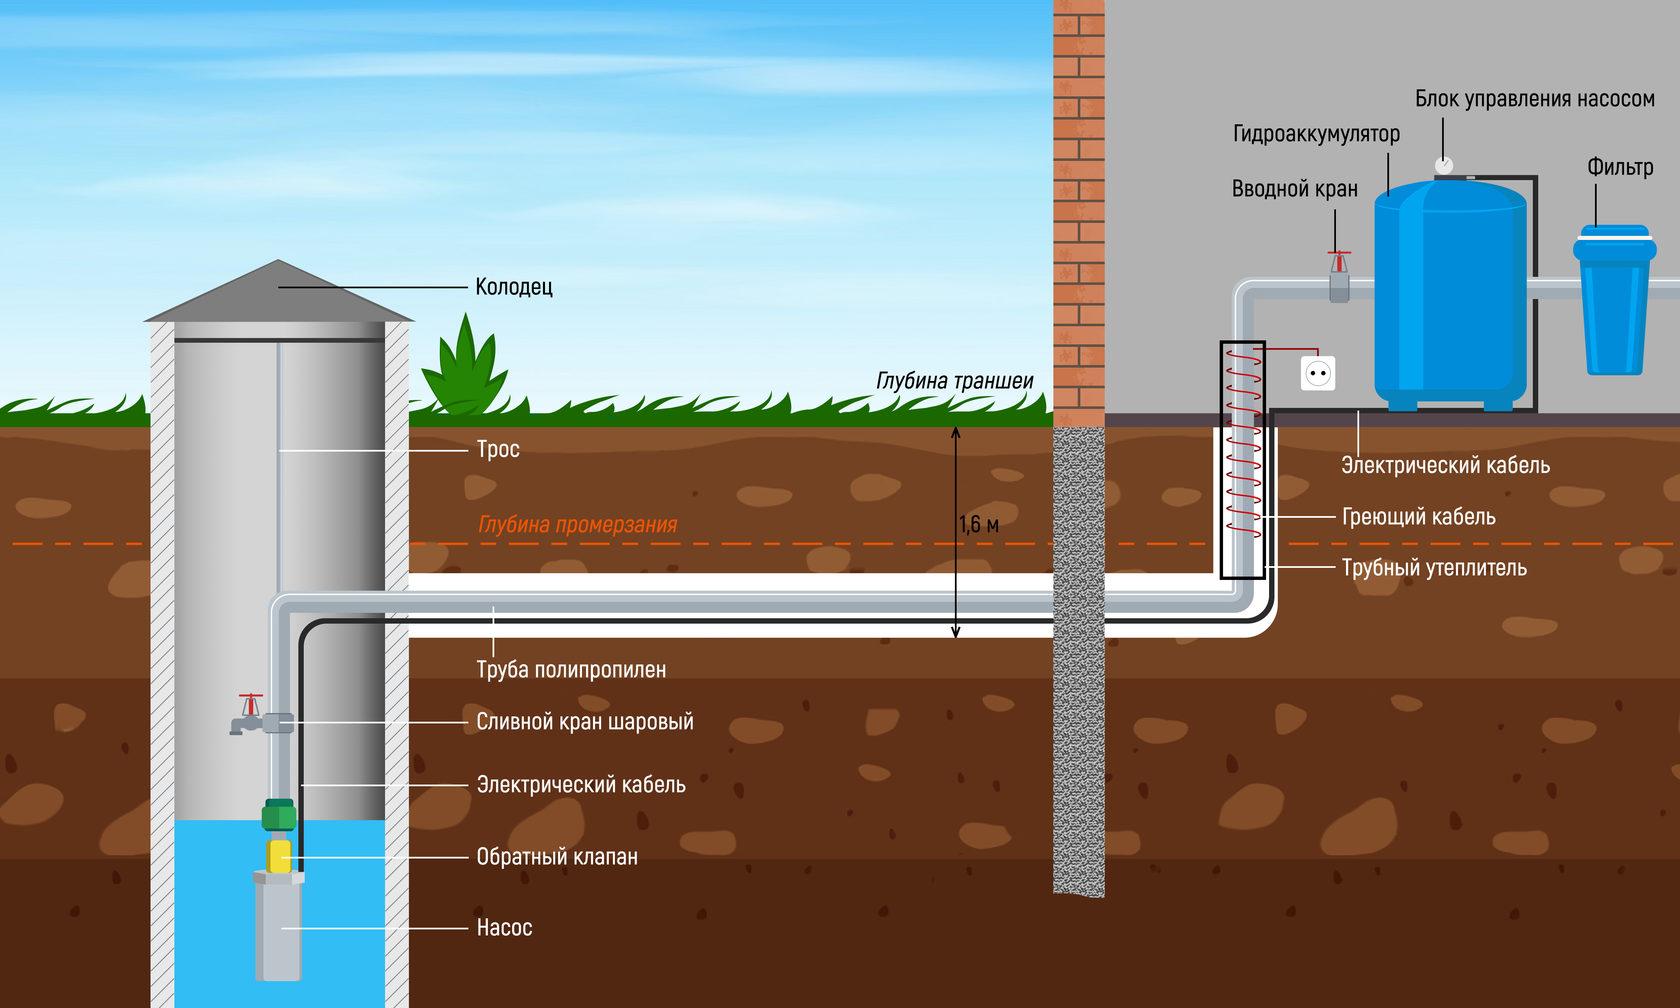 Летний водопровод на даче из колодца - как правильно сделать своими руками